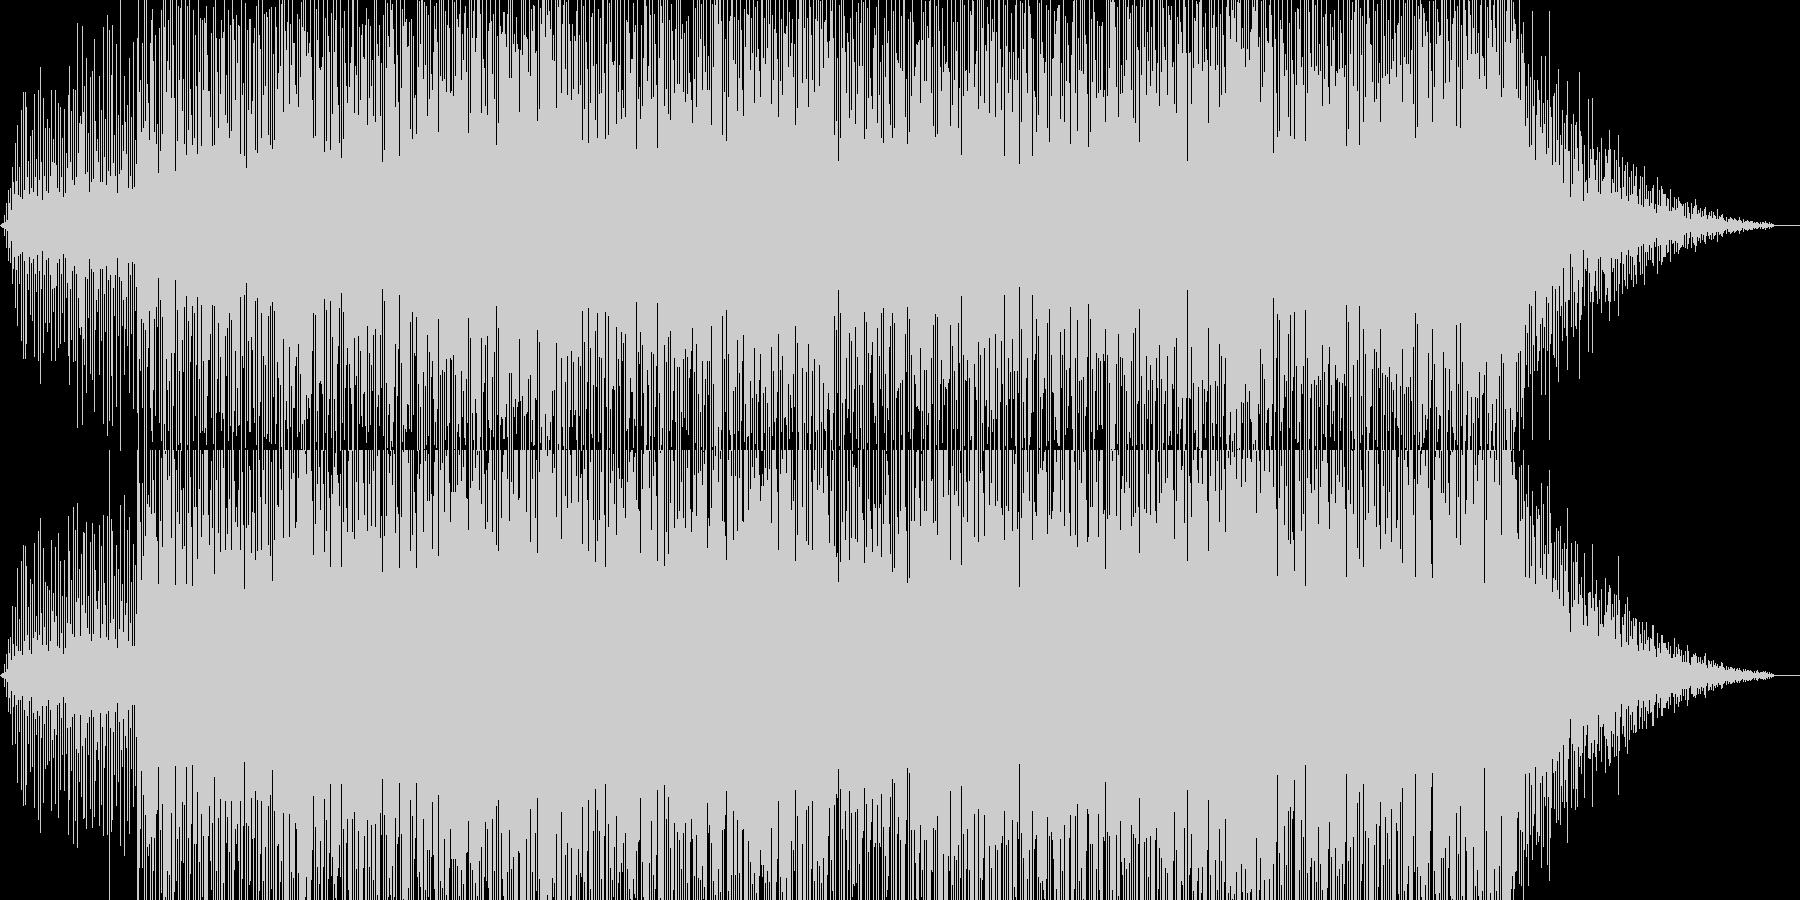 ティータイム短調ボサノヴァ2の未再生の波形